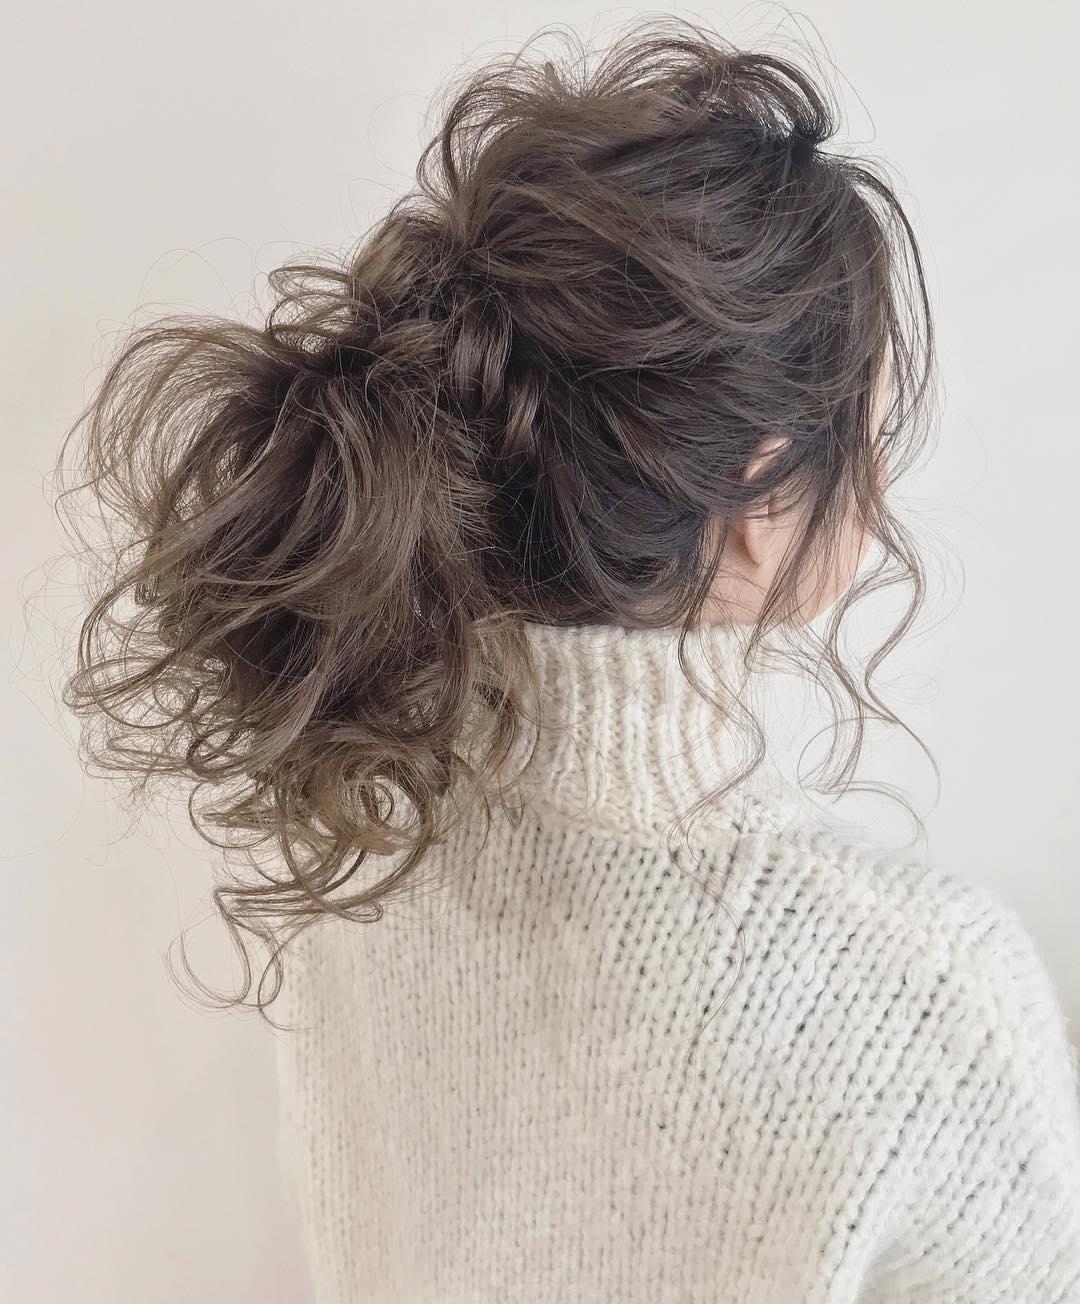 冬のニットは無敵に可愛い♡今季ニットと合わせたいヘアアレンジ♪ 4